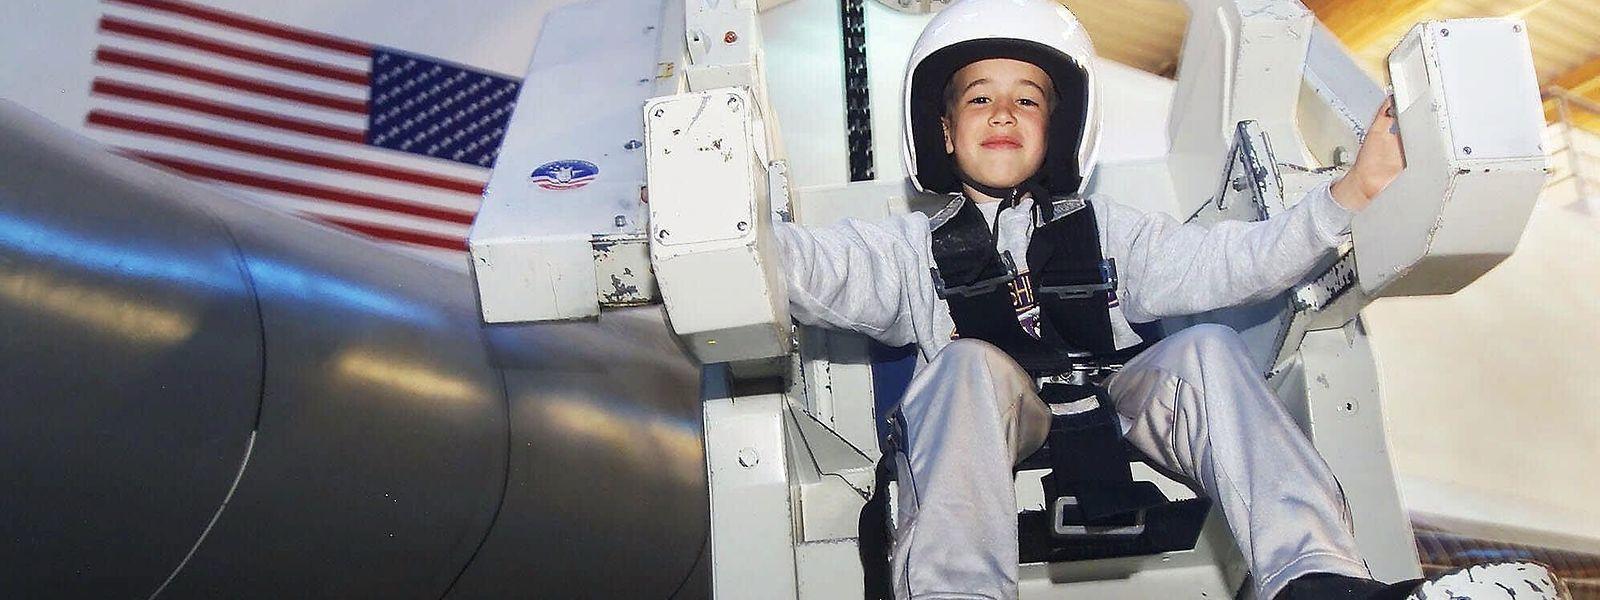 L'Euro Space Center vient de bénéficier de 13 millions d'euros d'investissement, notamment pour créer une zone de découverte liée à la conquête de Mars.